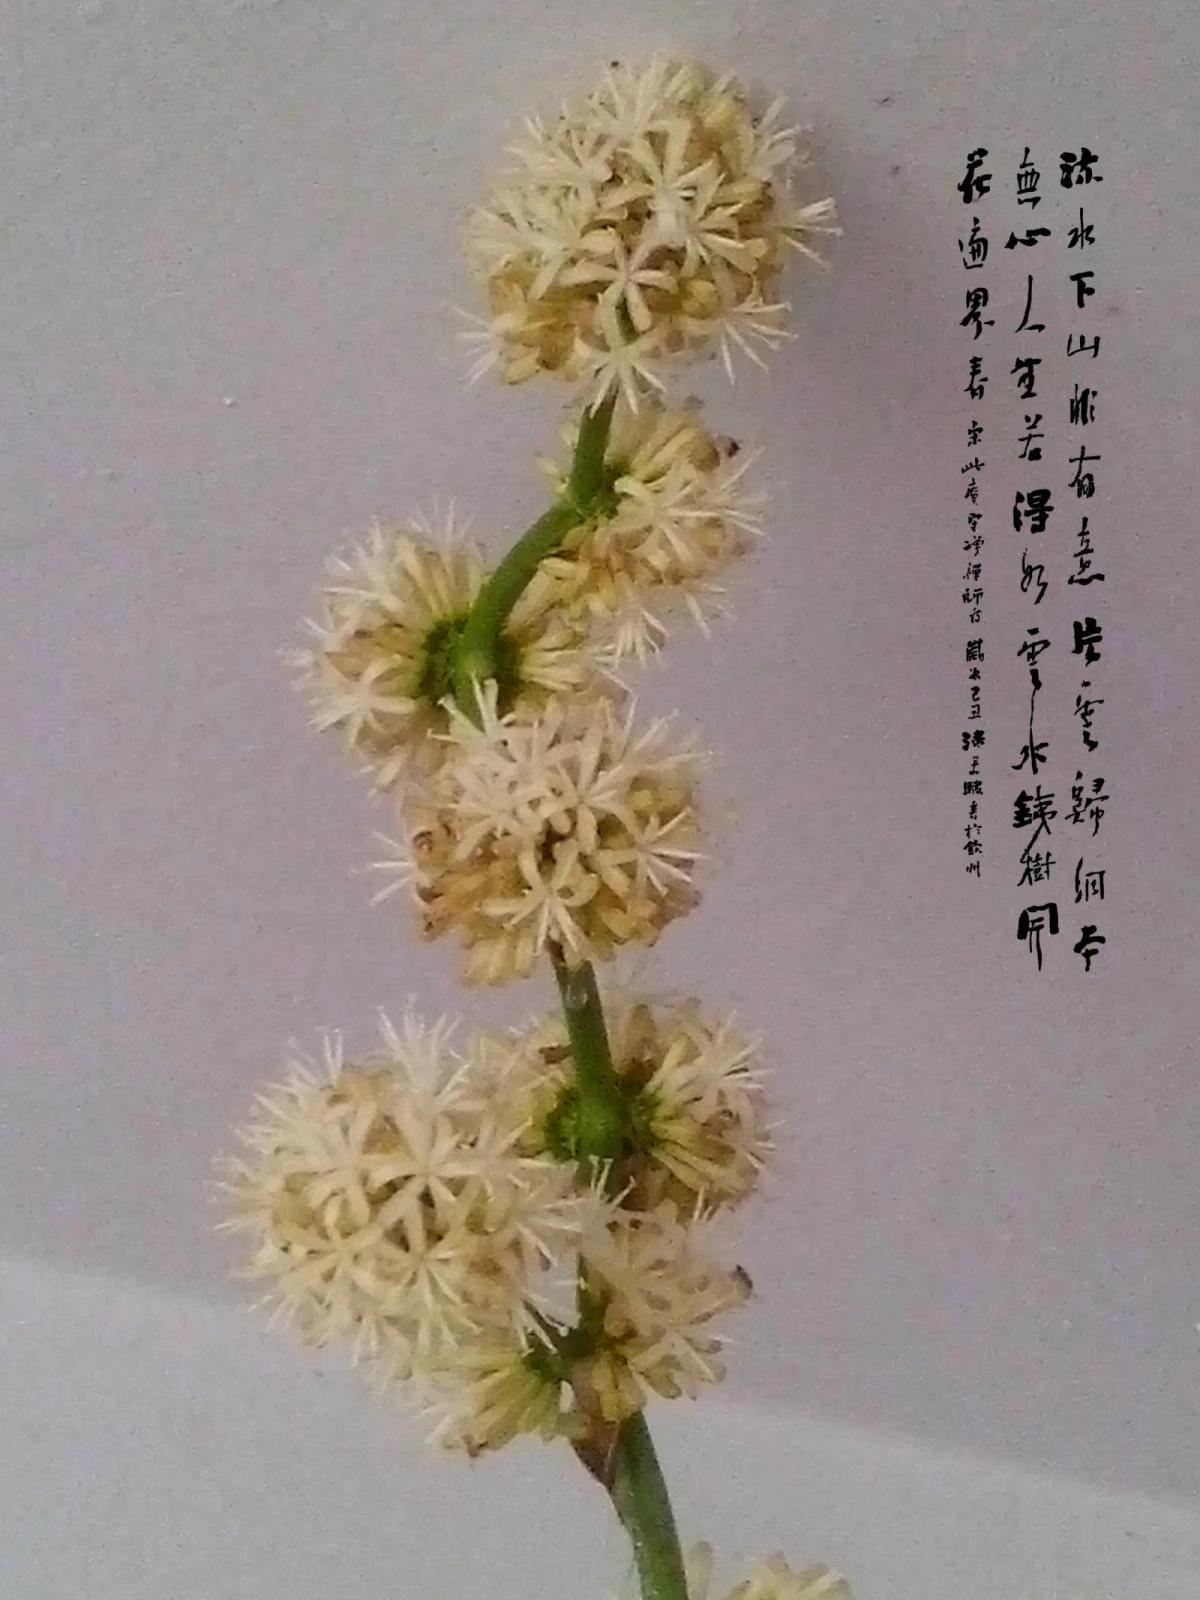 【七绝】巴西铁树开花